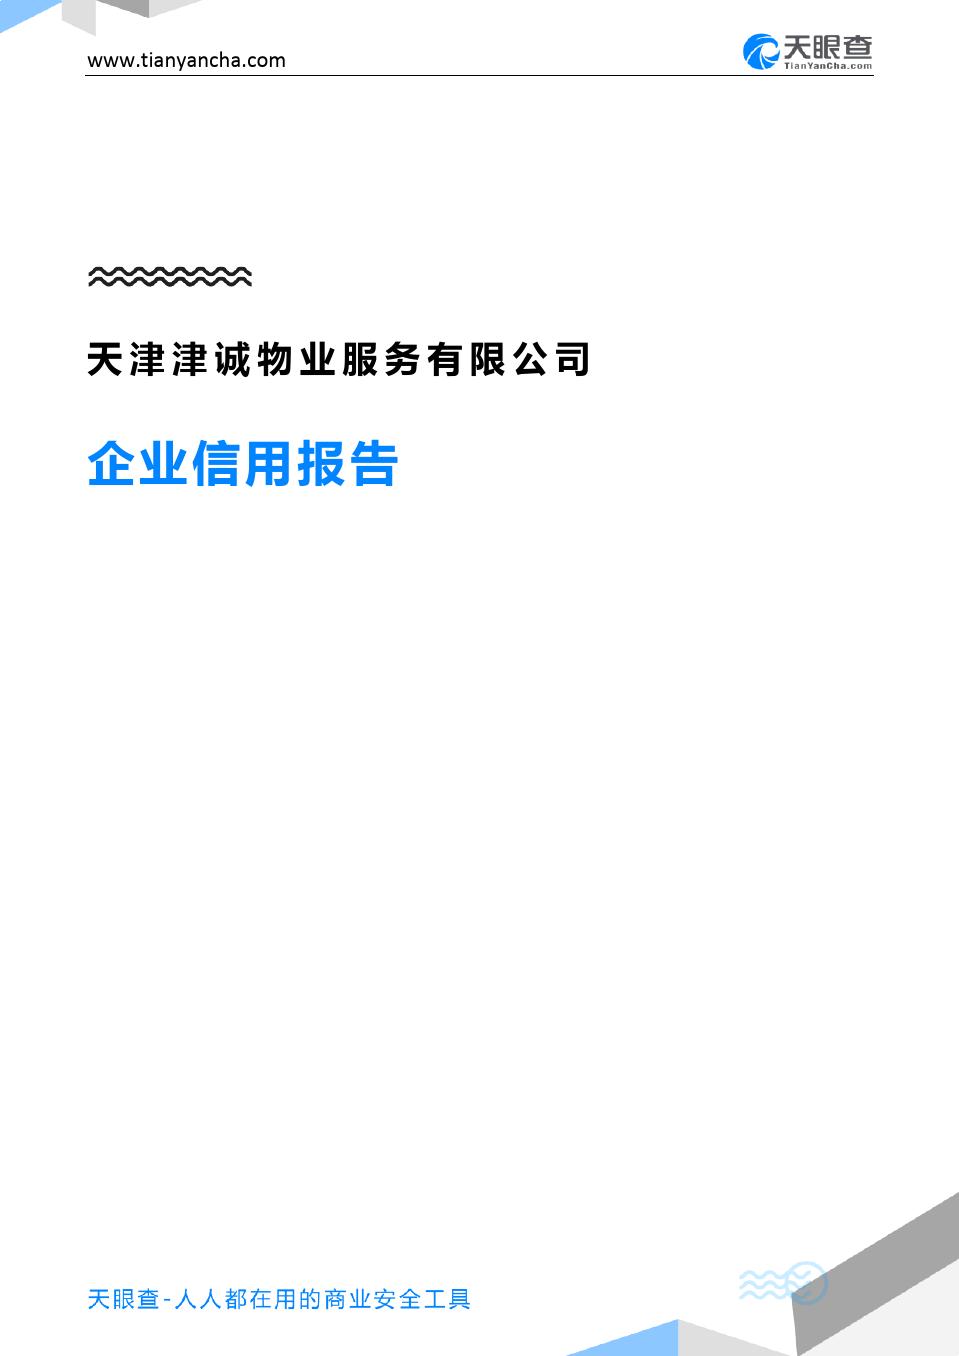 天津津诚物业服务有限公司企业信用报告-天眼查